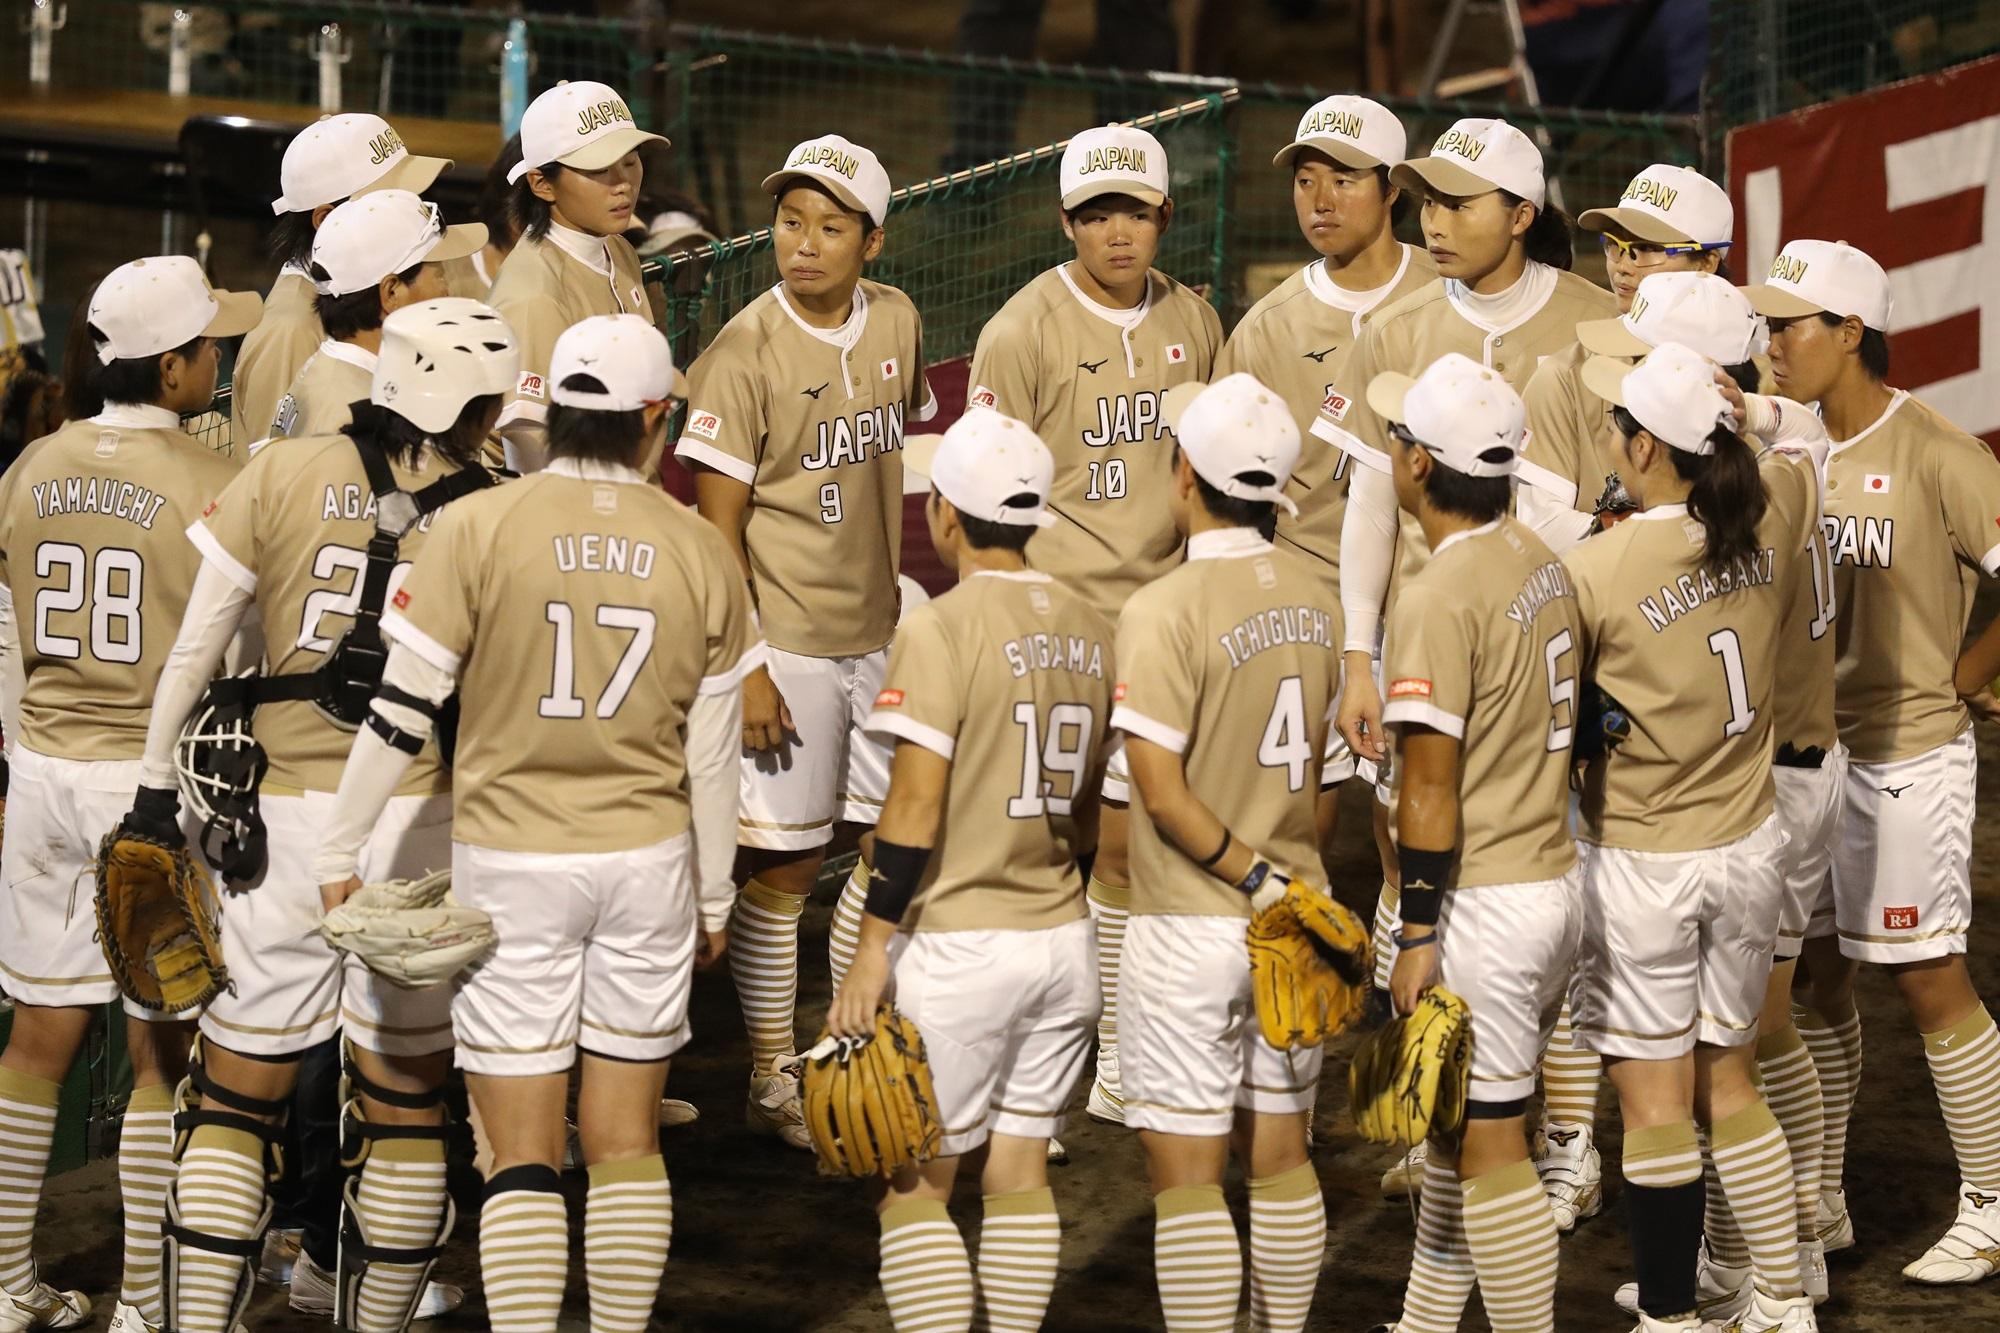 Japan's team spirit